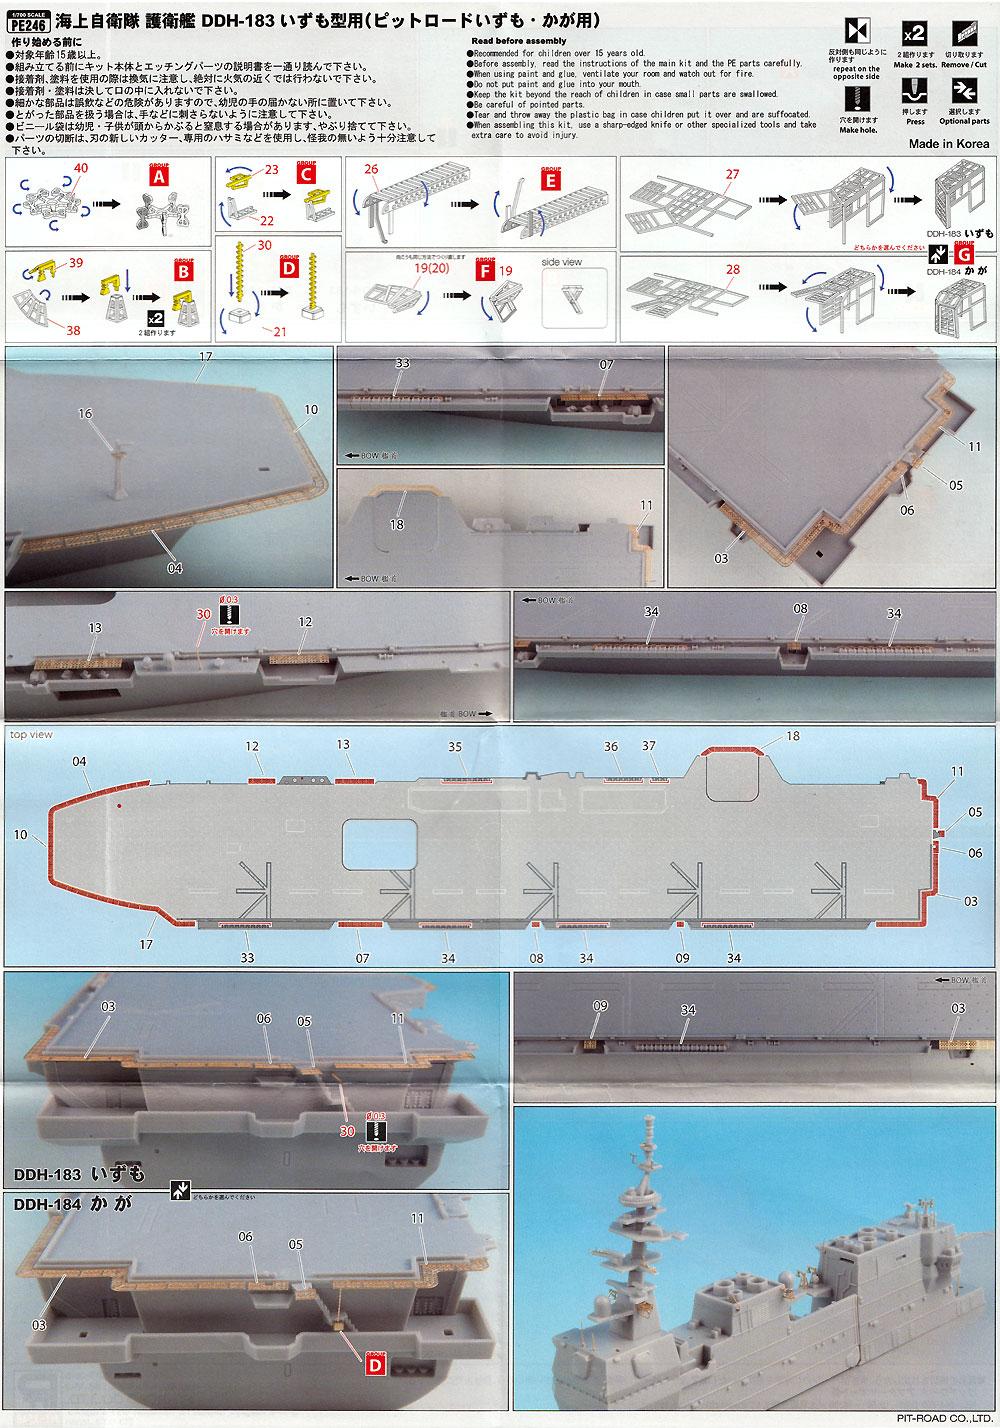 海上自衛隊 護衛艦 DDH いずも型用 エッチングパーツ (ベーシック)エッチング(ピットロード1/700 エッチングパーツシリーズNo.PE-246)商品画像_2